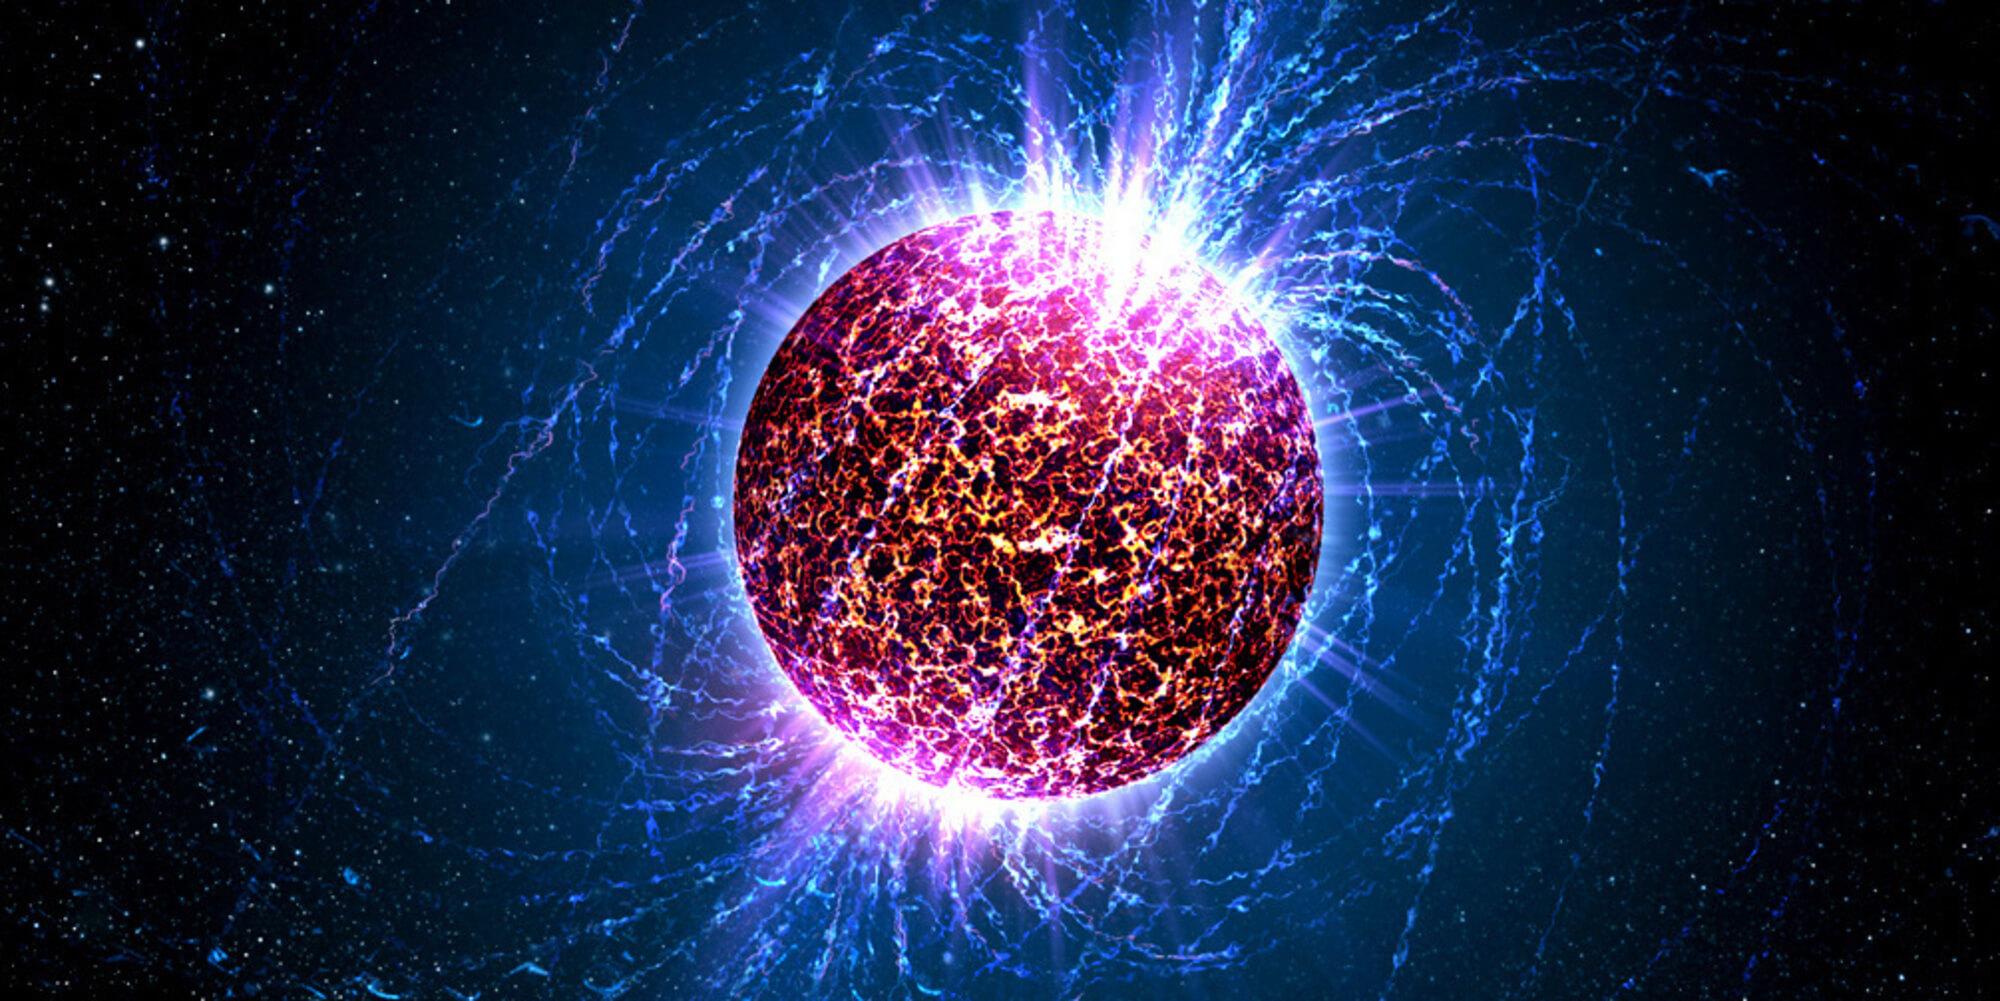 Обнаружена уникальная нейтронная звезда